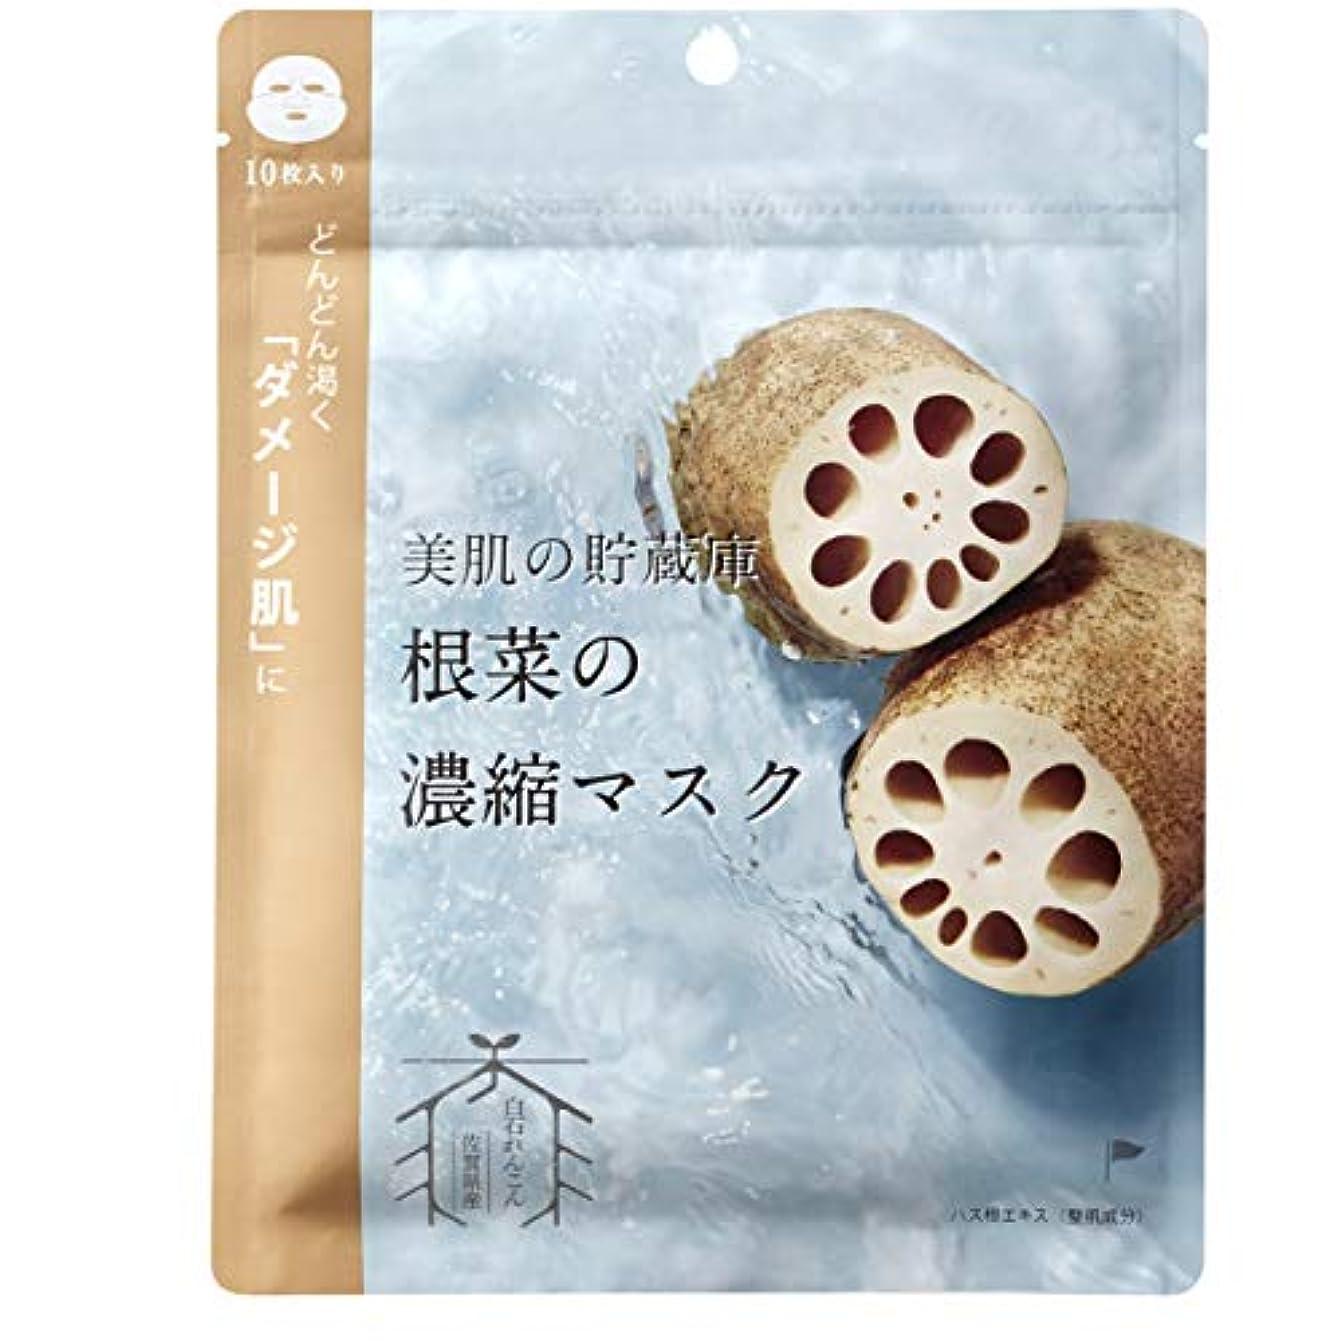 ところで戻る設置@cosme nippon 美肌の貯蔵庫 根菜の濃縮マスク 白石れんこん 10枚入 160ml